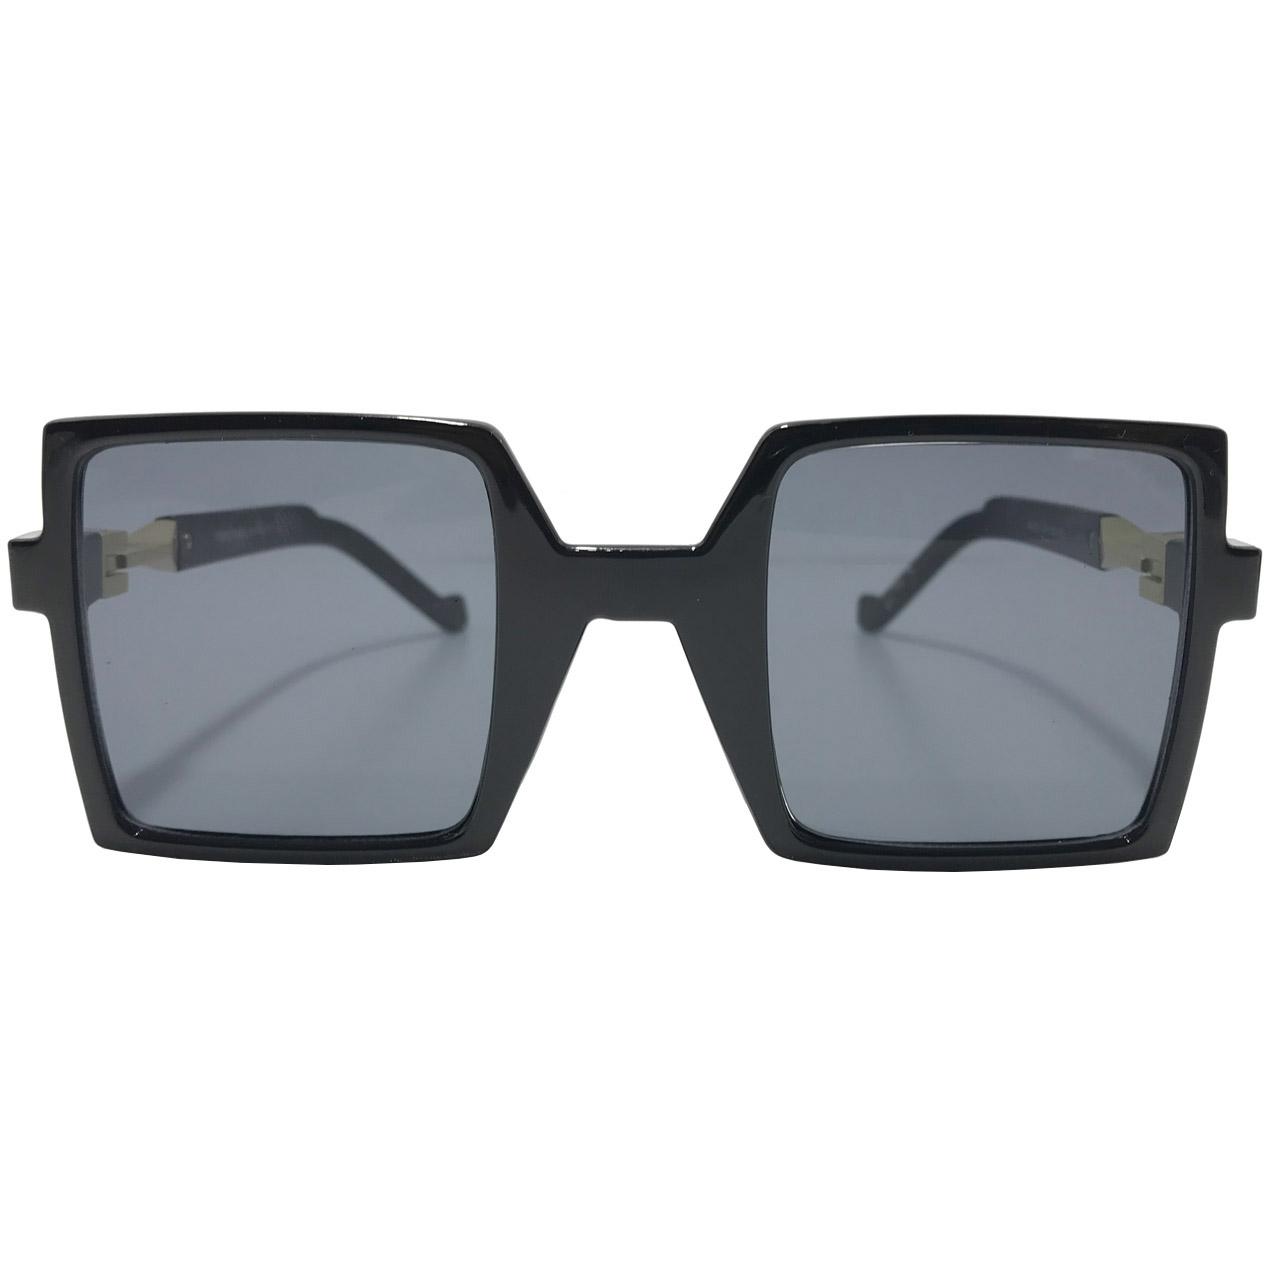 عینک آفتابی زنانه مدل 1-W-WL002 به همراه جاسوییچی چرم طبیعی طرح کفش هدیه